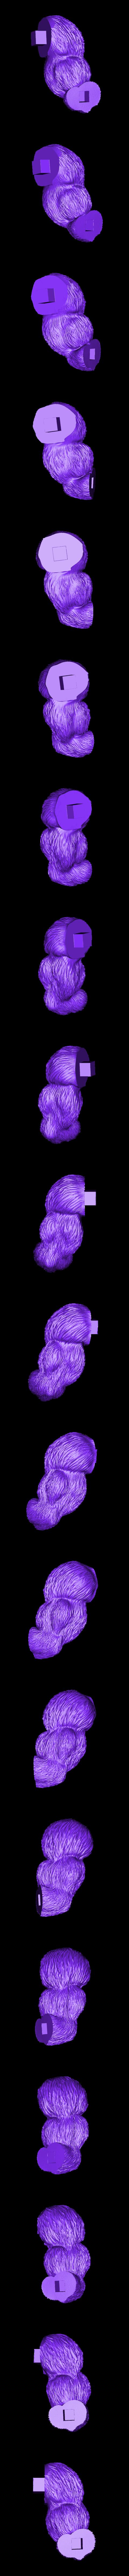 ArmR.stl Download STL file Oozaru Baby - Dragon ball - 3D print model  • Object to 3D print, Bstar3Dart